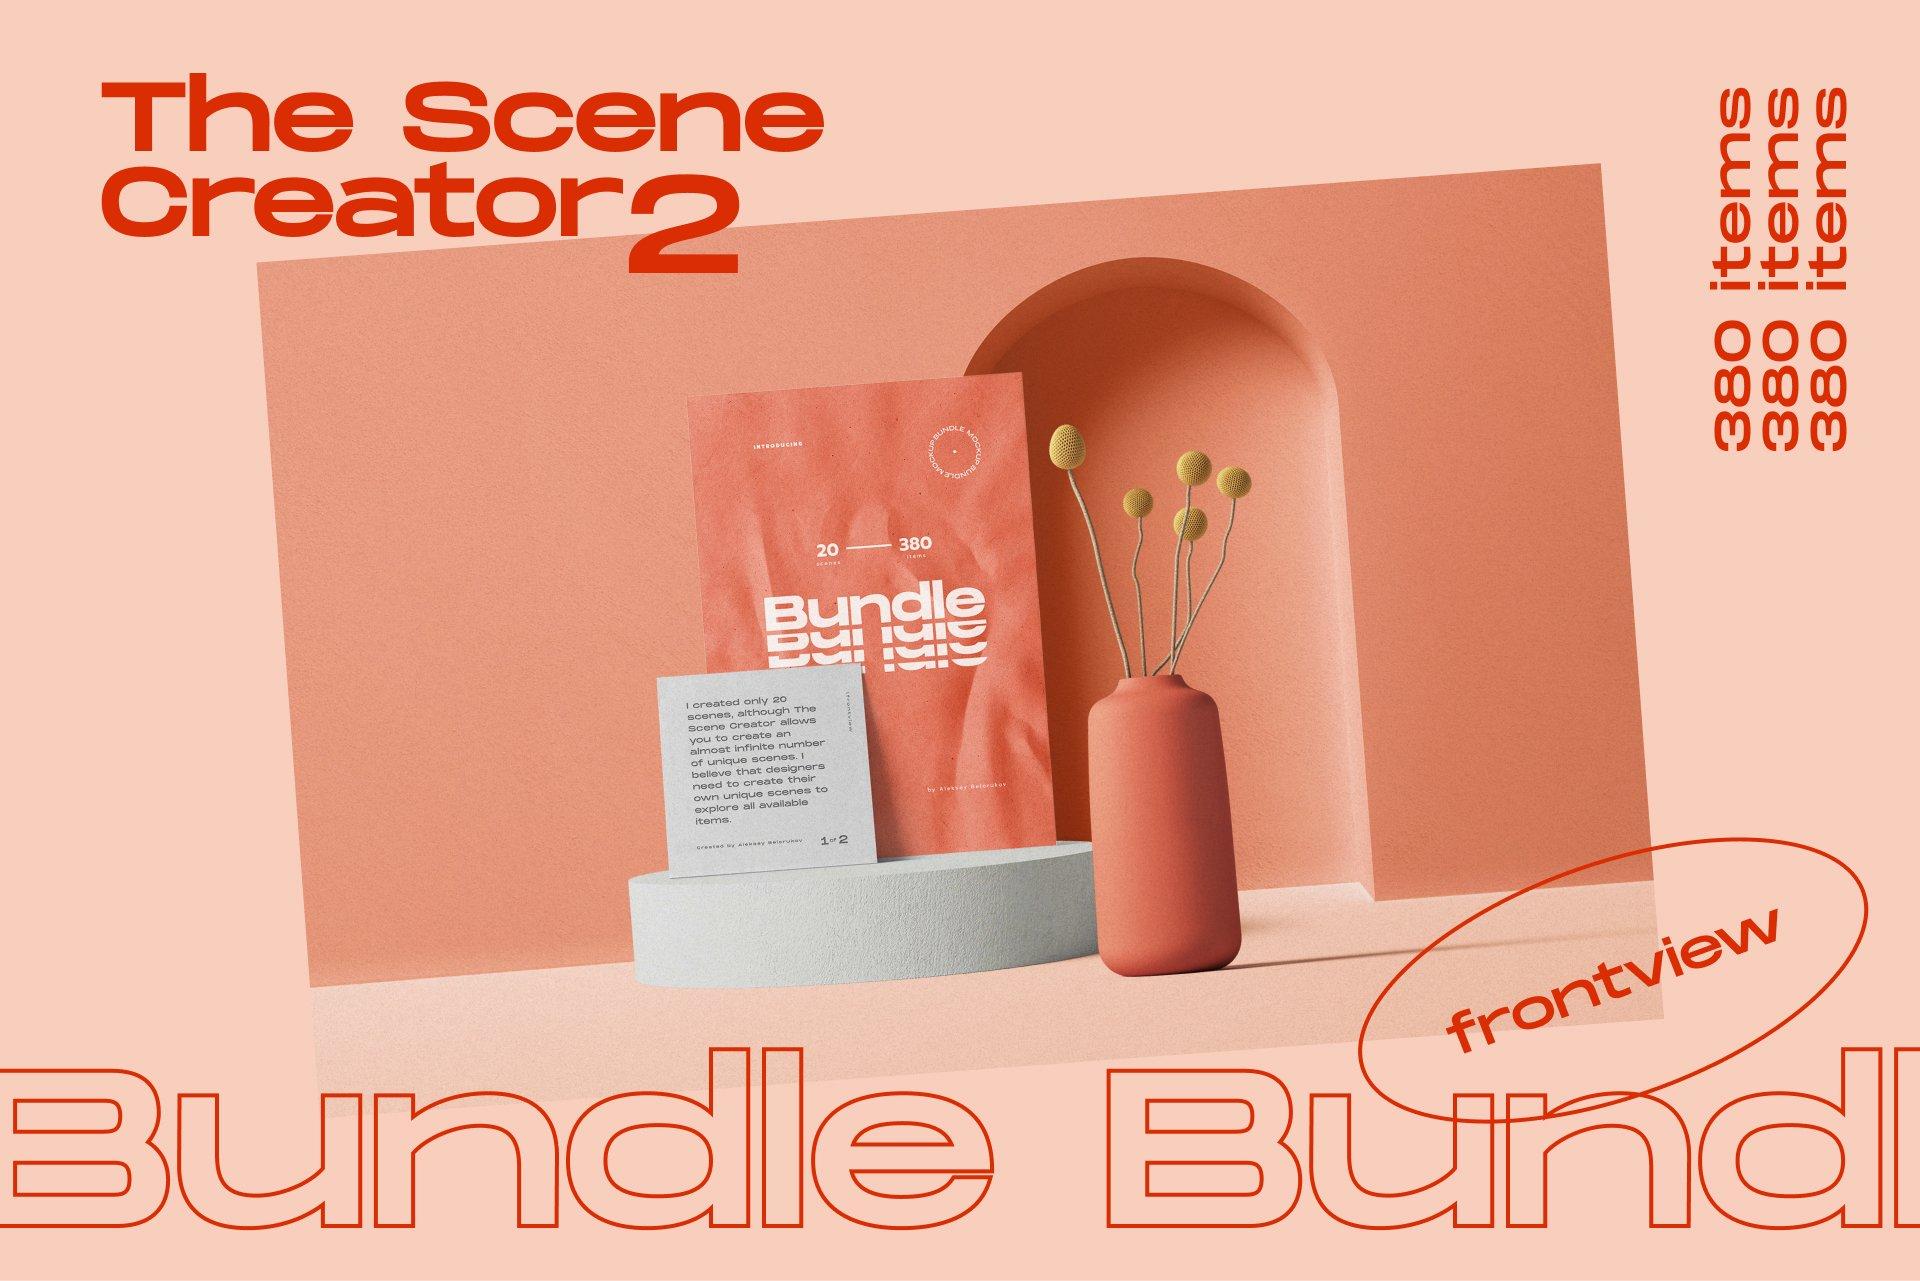 [淘宝购买] 超大品牌VI包装设计PS智能贴图样机模板素材 The Scene Creator 2 / Frontview插图